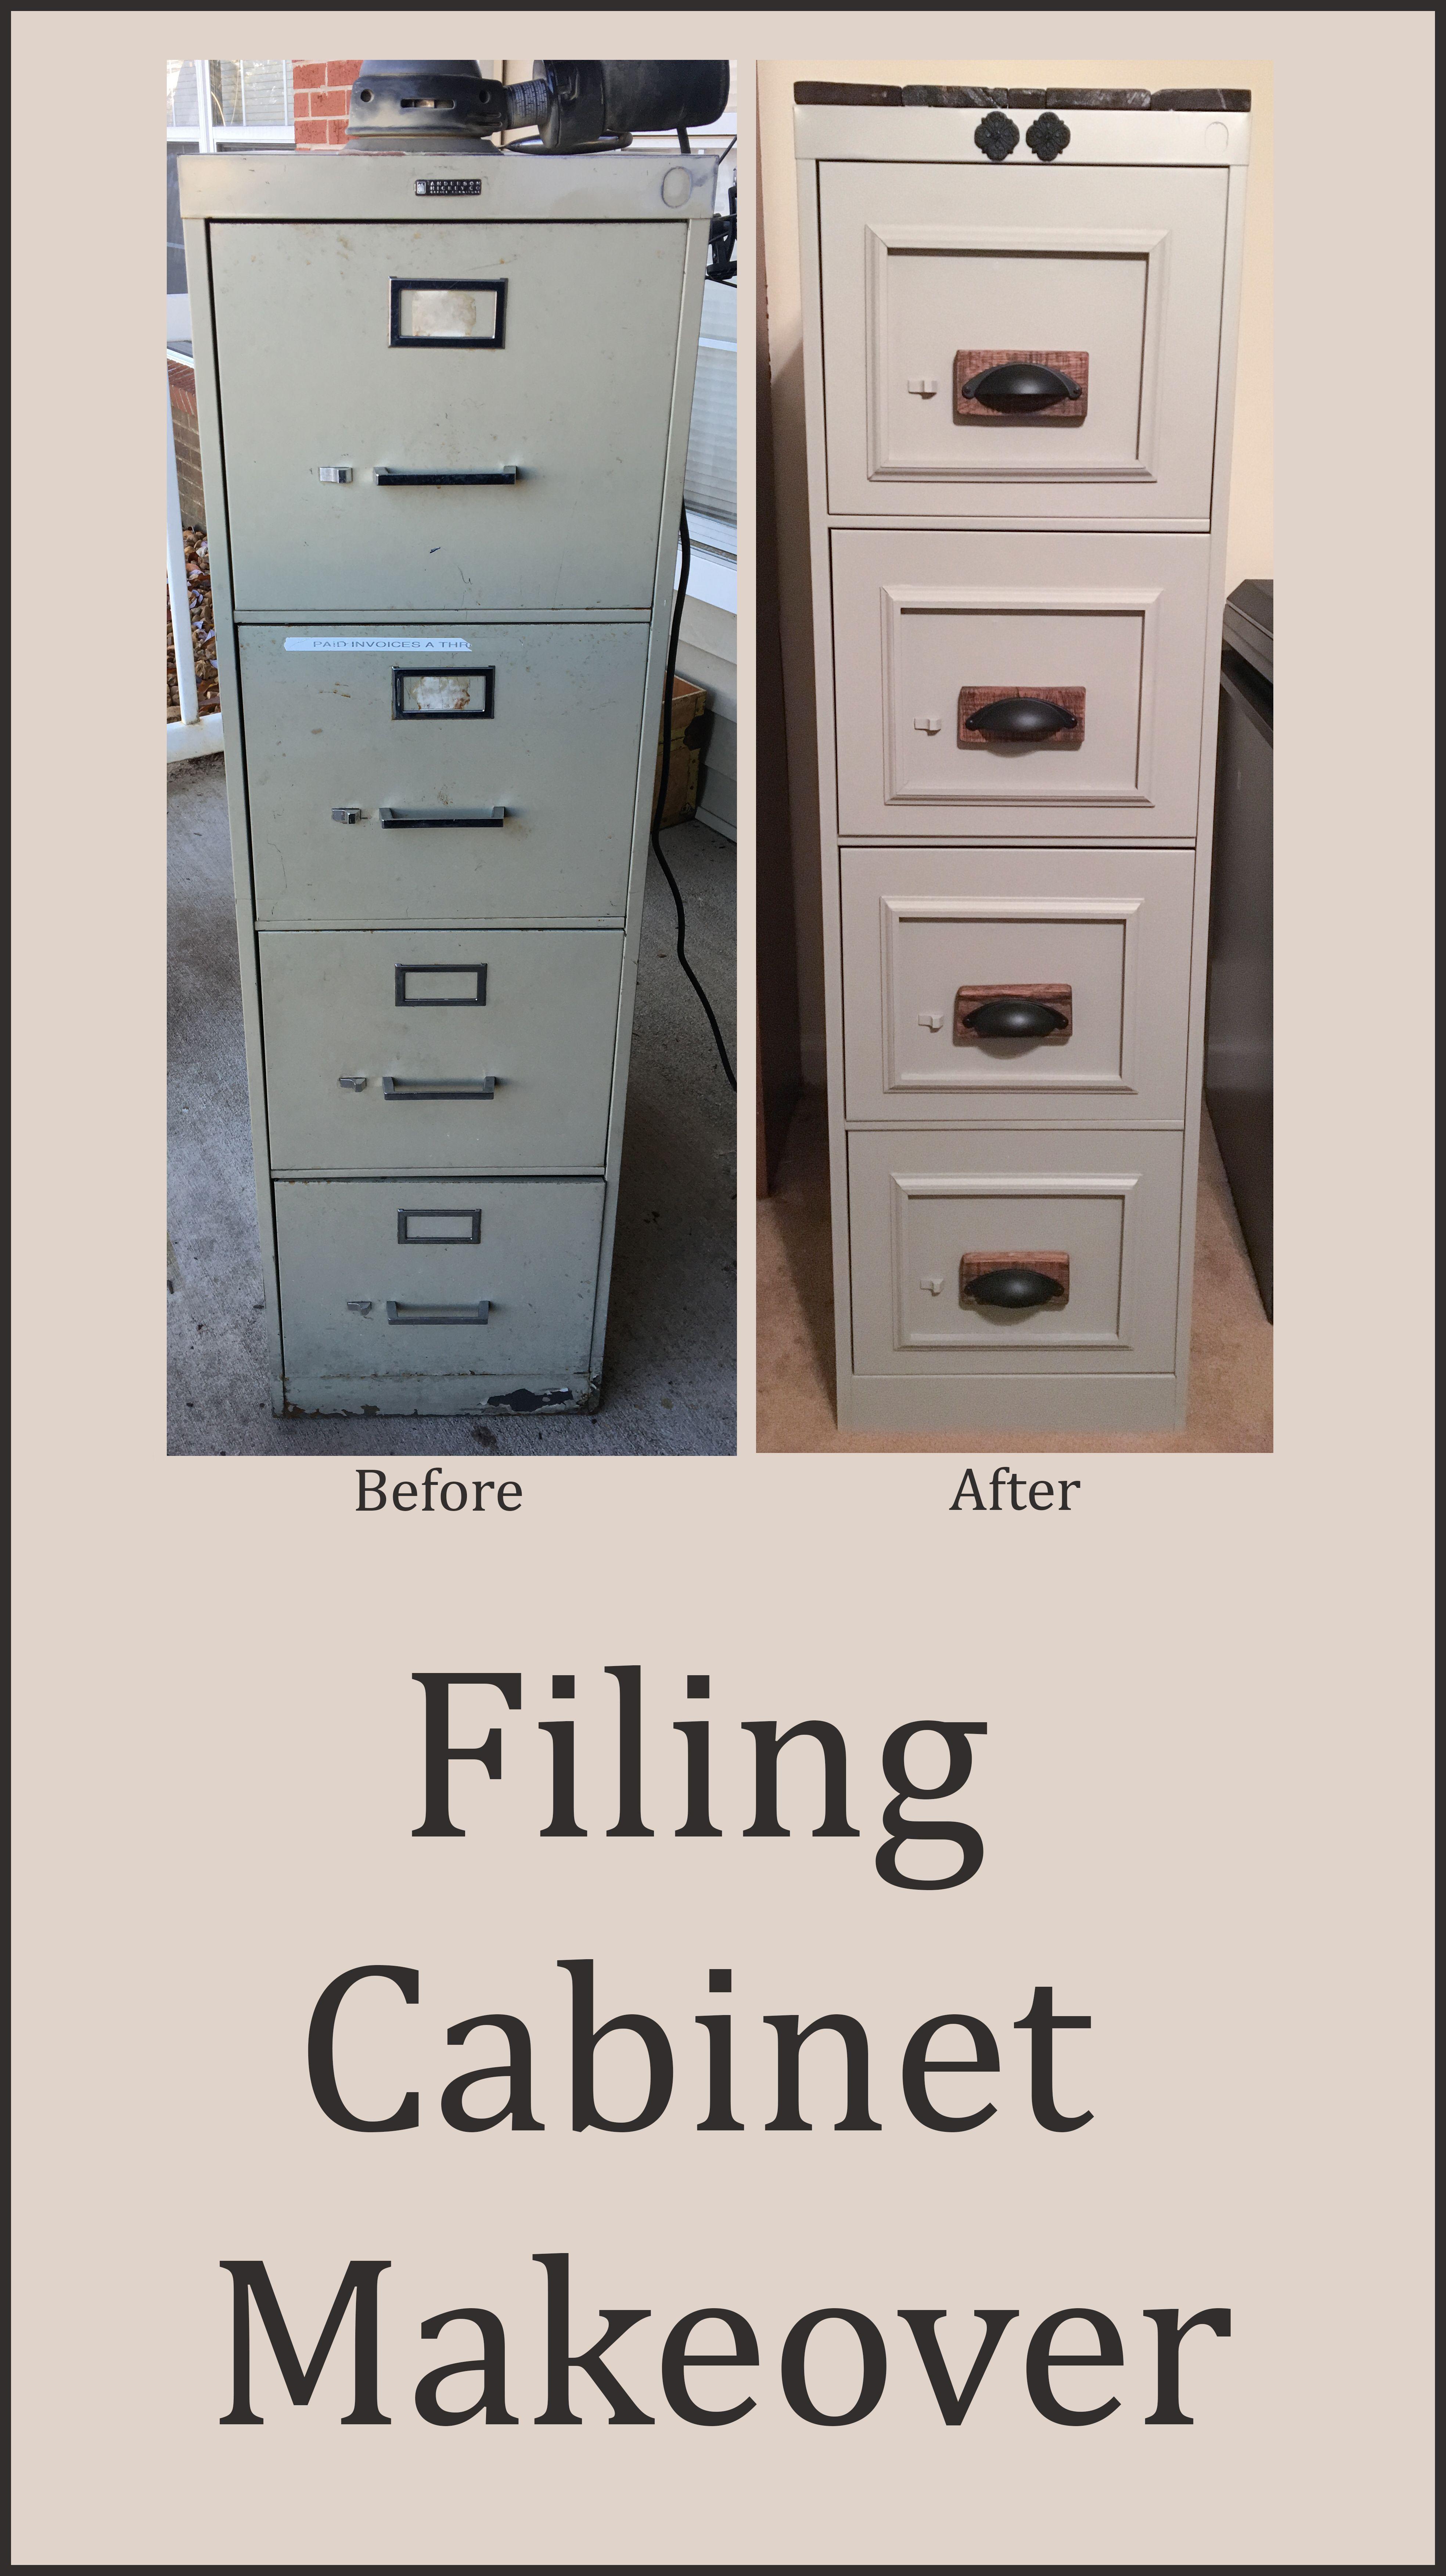 Filing Cabinet Makeover File Cabinet Makeover Filing Cabinet Cabinet Makeover Diy